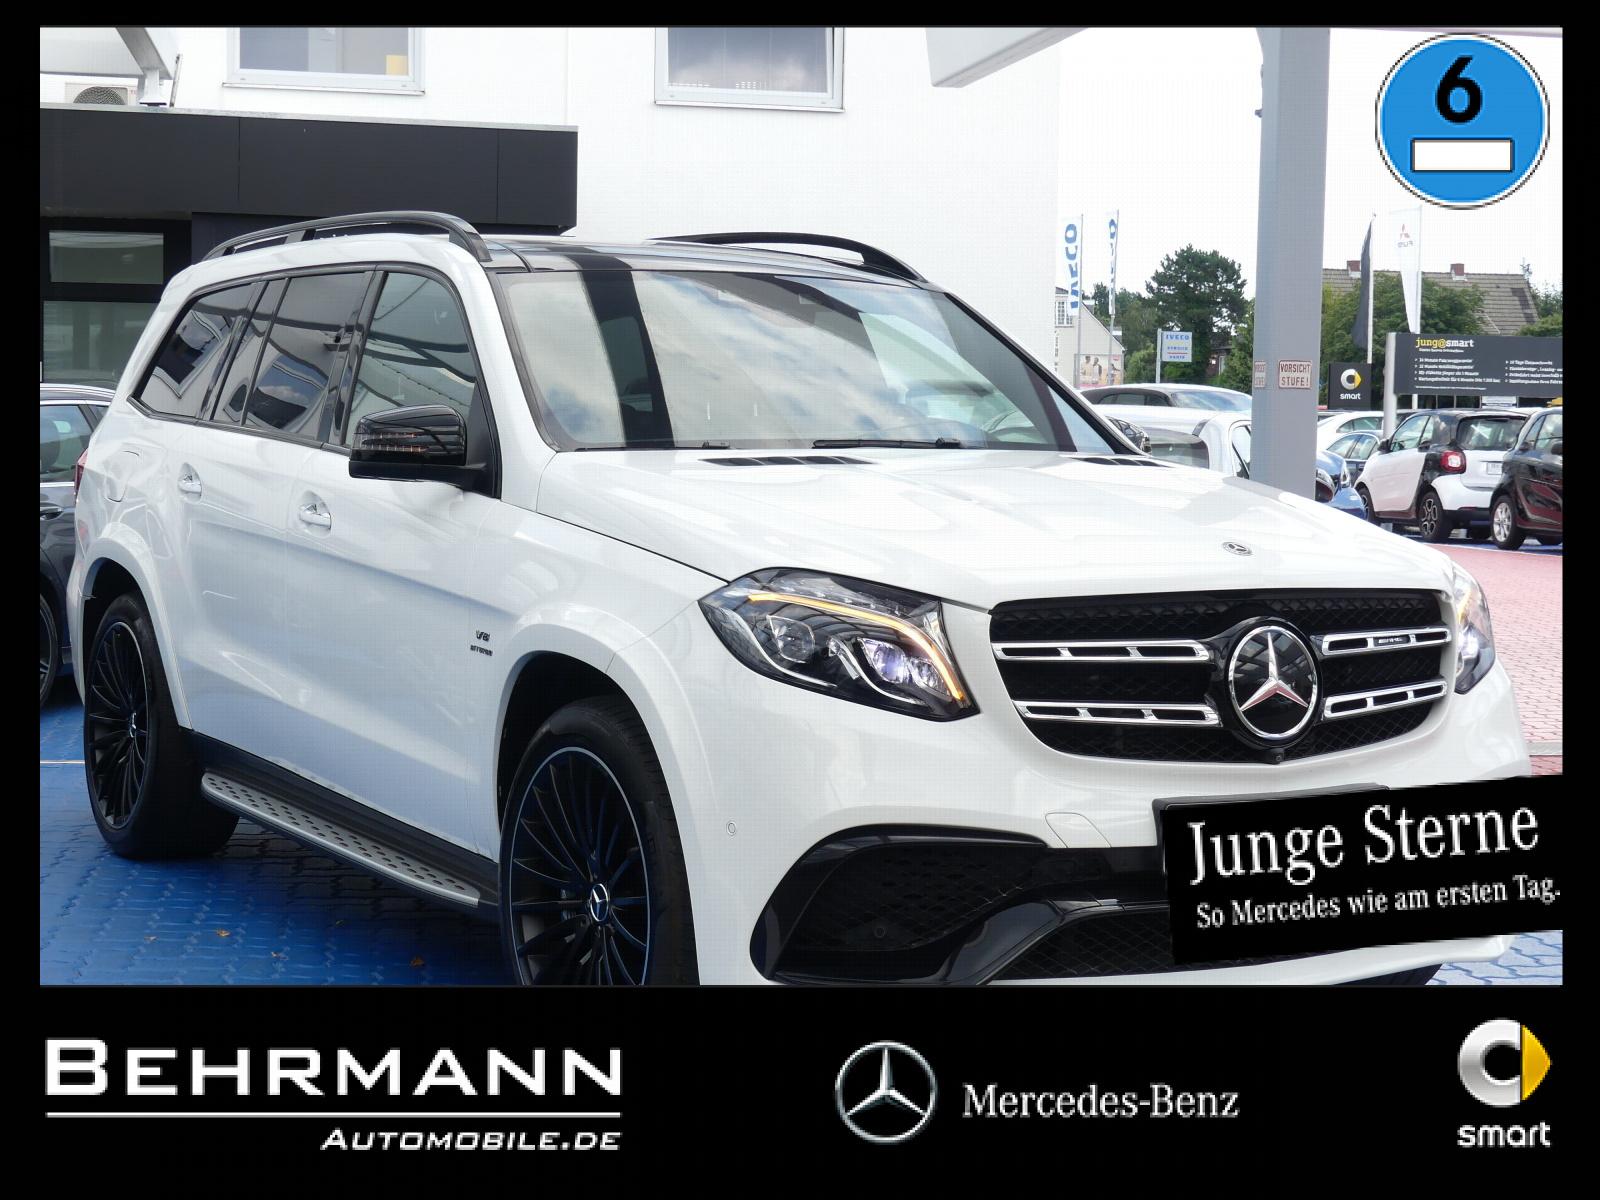 Mercedes-Benz GLS 63 AMG 4M +voll+Ausstattung+VMax+TV+Airmatic, Jahr 2017, Benzin